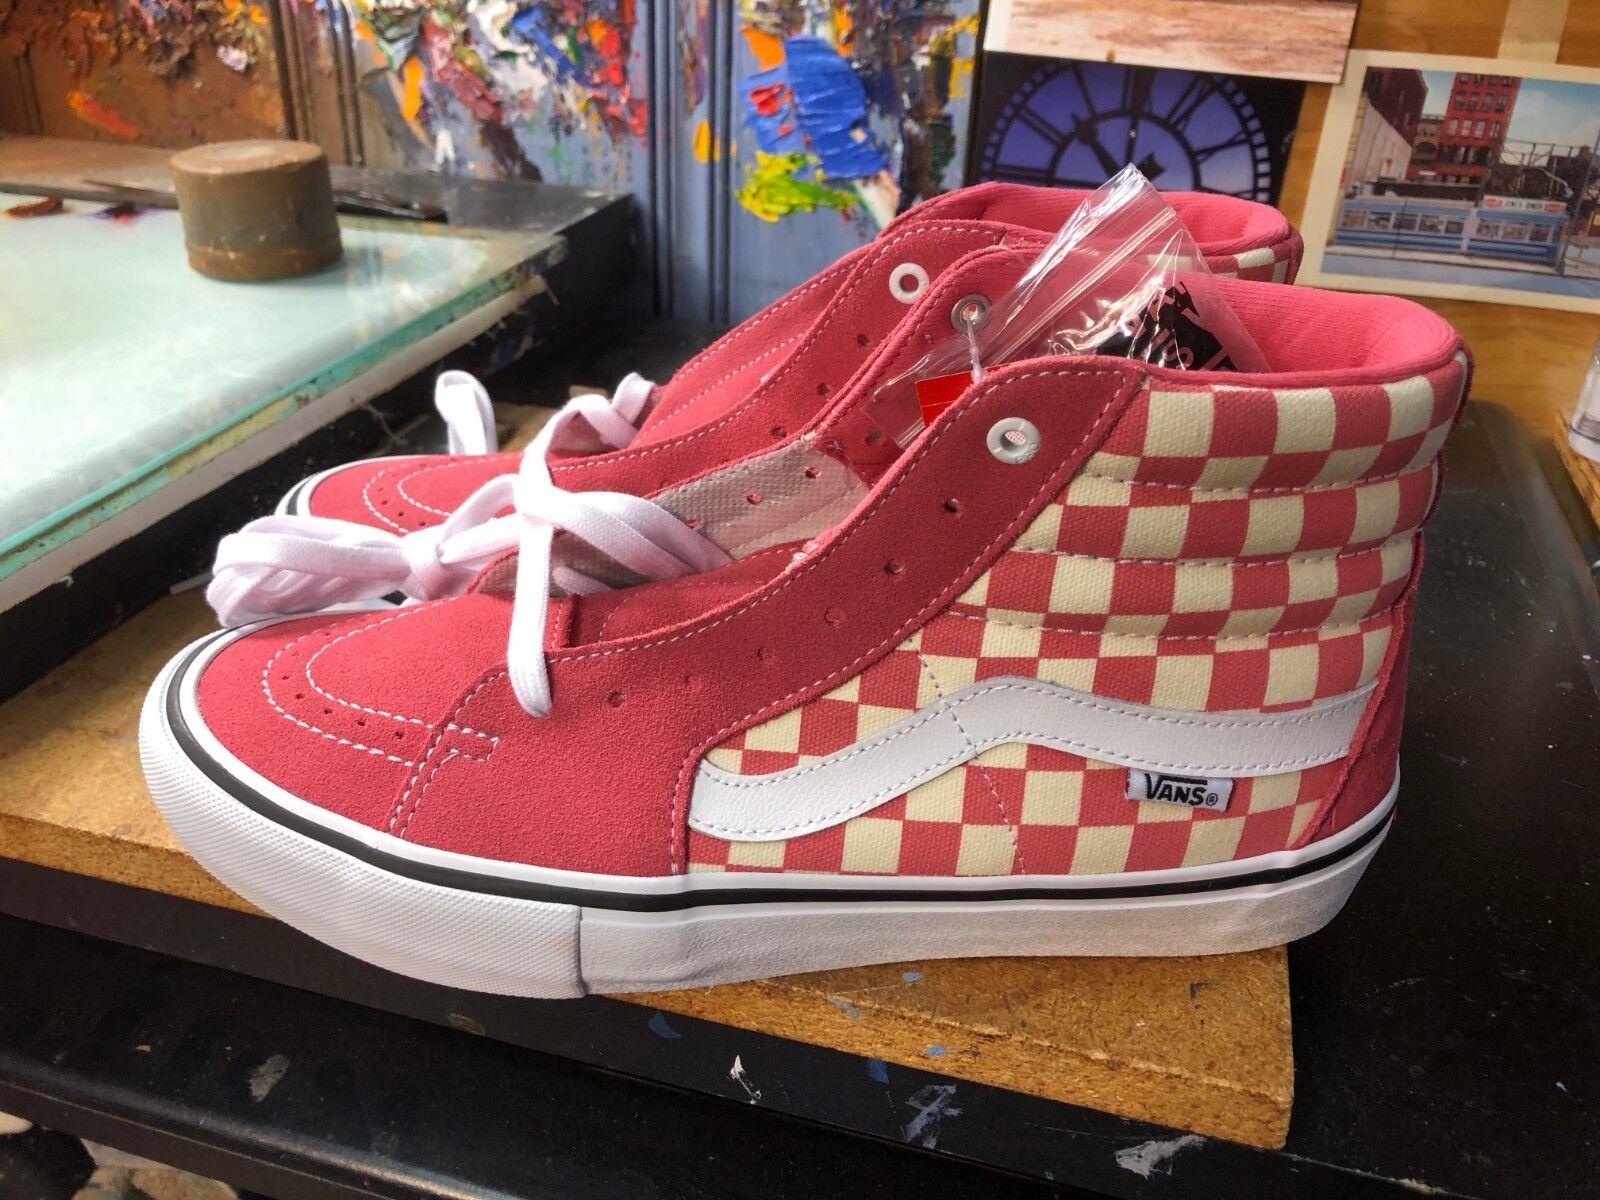 Vans SK8-Hi PRO (Checkerboard) Desert pink Suede US 11 11 11 Men VN000VHGU22 5b691d